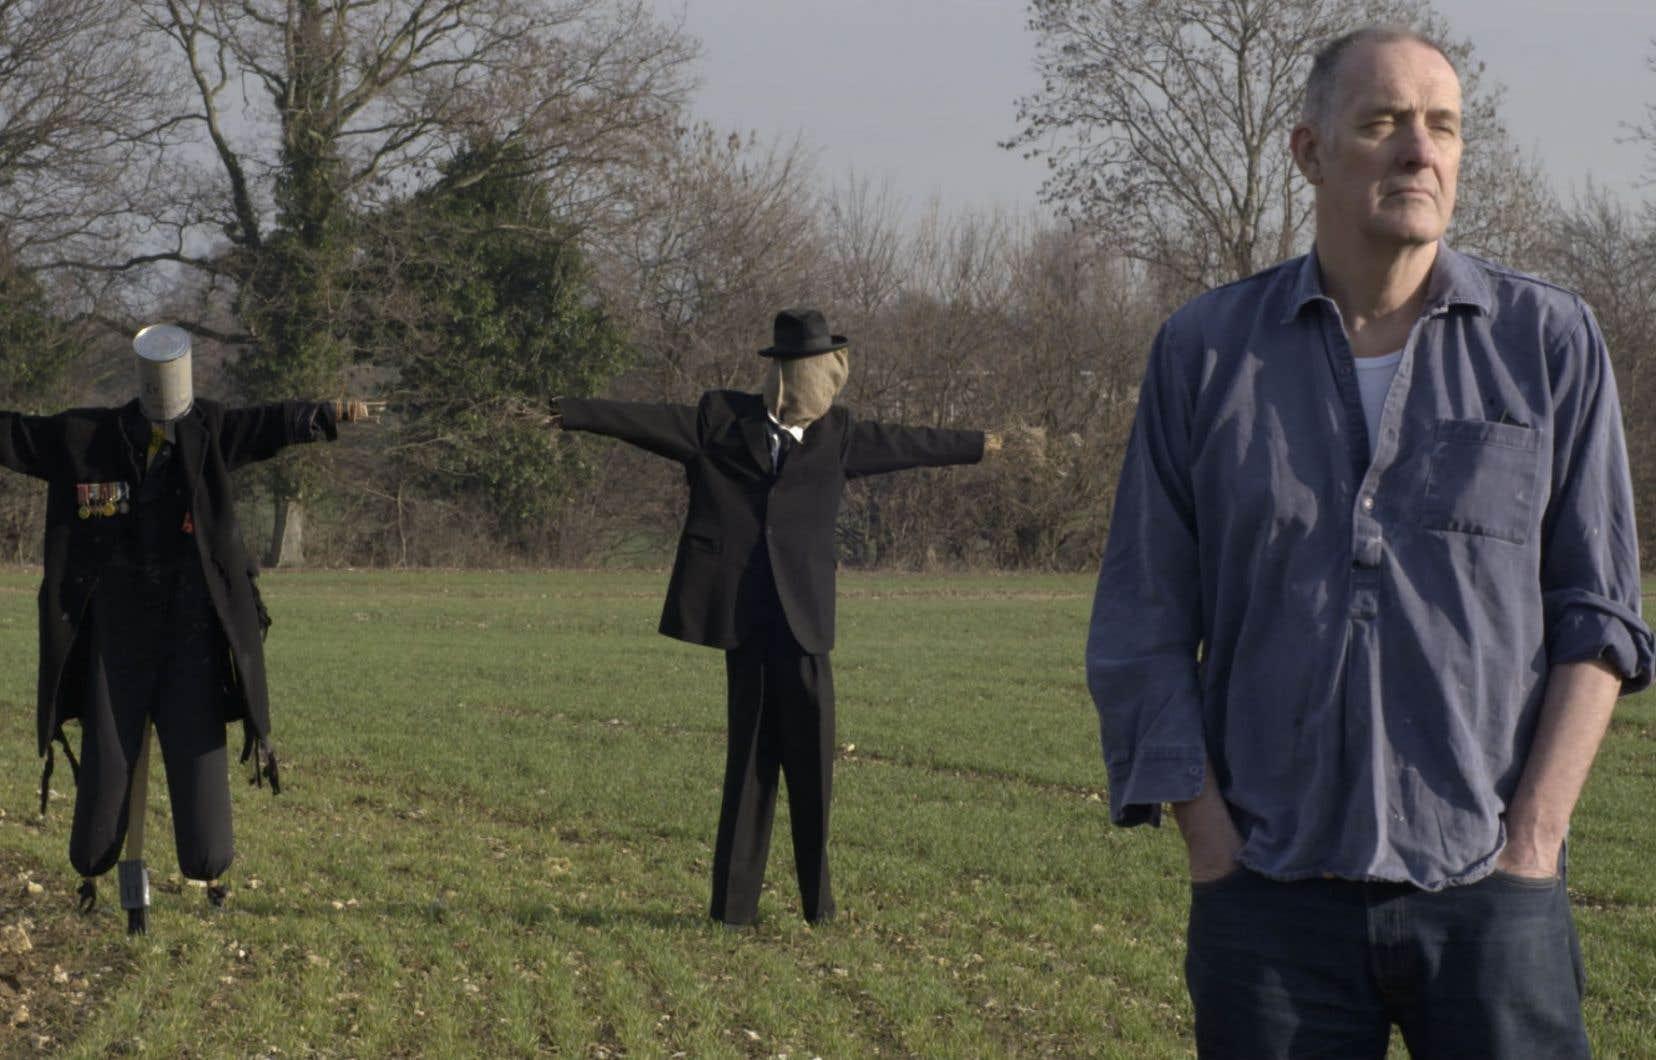 La sortie du documentaire «Welcome to the Dark Ages», de Paul Duane, coïncide avec celle de«Solid State Logik 1», première de cinq compilations numériques de l'œuvre de The KLF et des autres projets dérivés.